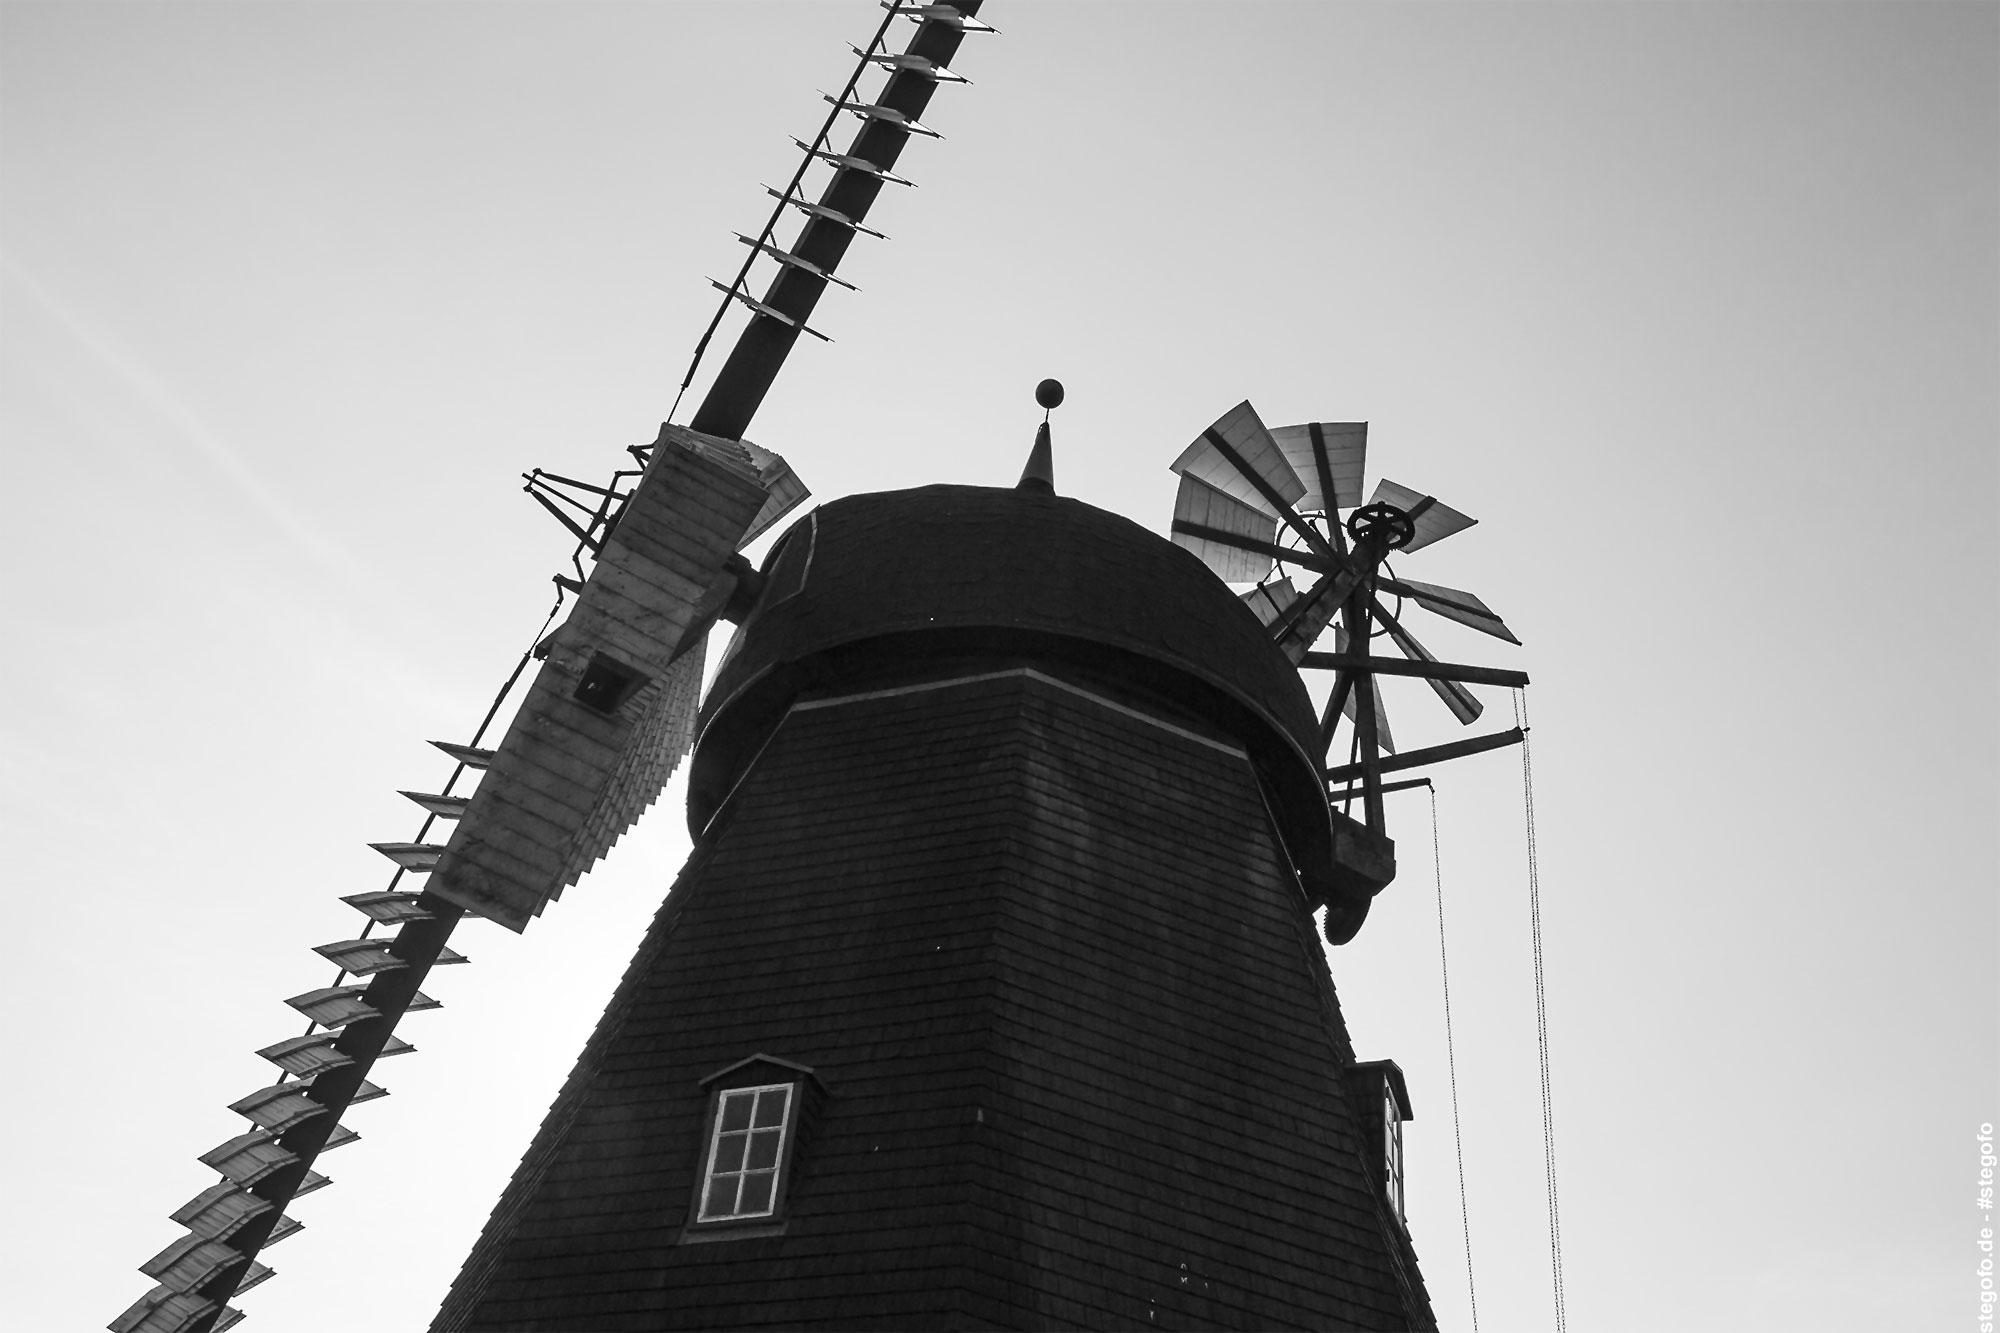 Die Windmühle im Gegenlicht